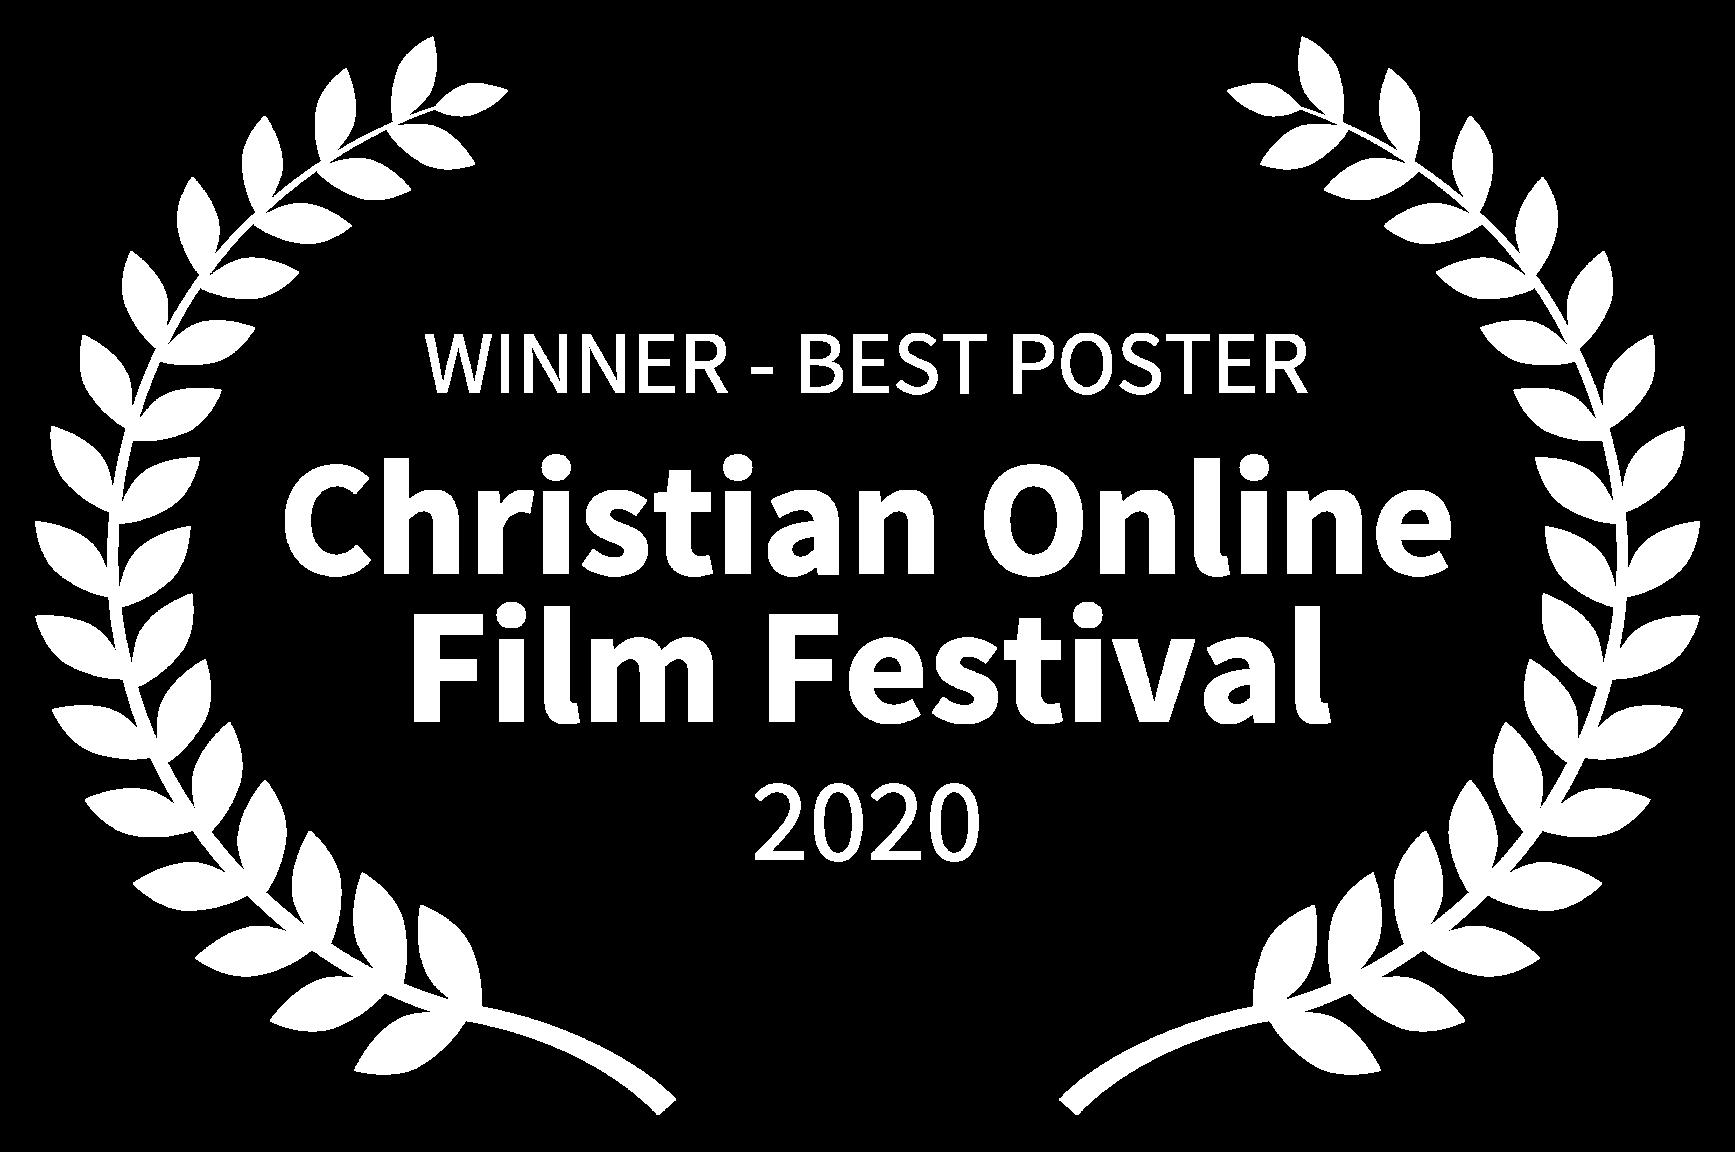 WINNER - BEST POSTER - Christian Online Film Festival - 2020